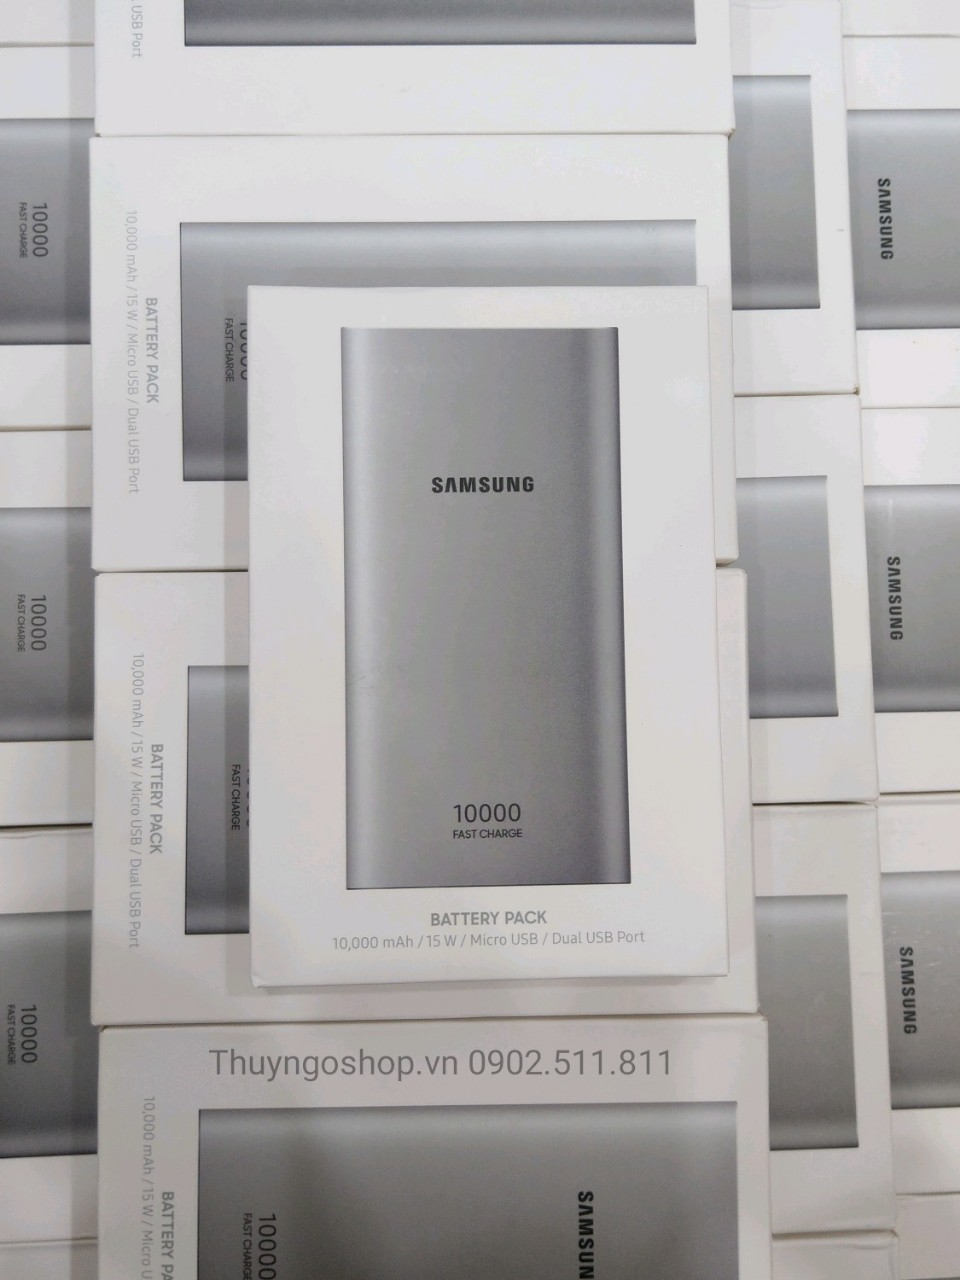 Pin dự phòng 10.000mah Fast Charge chính hãng Samsung